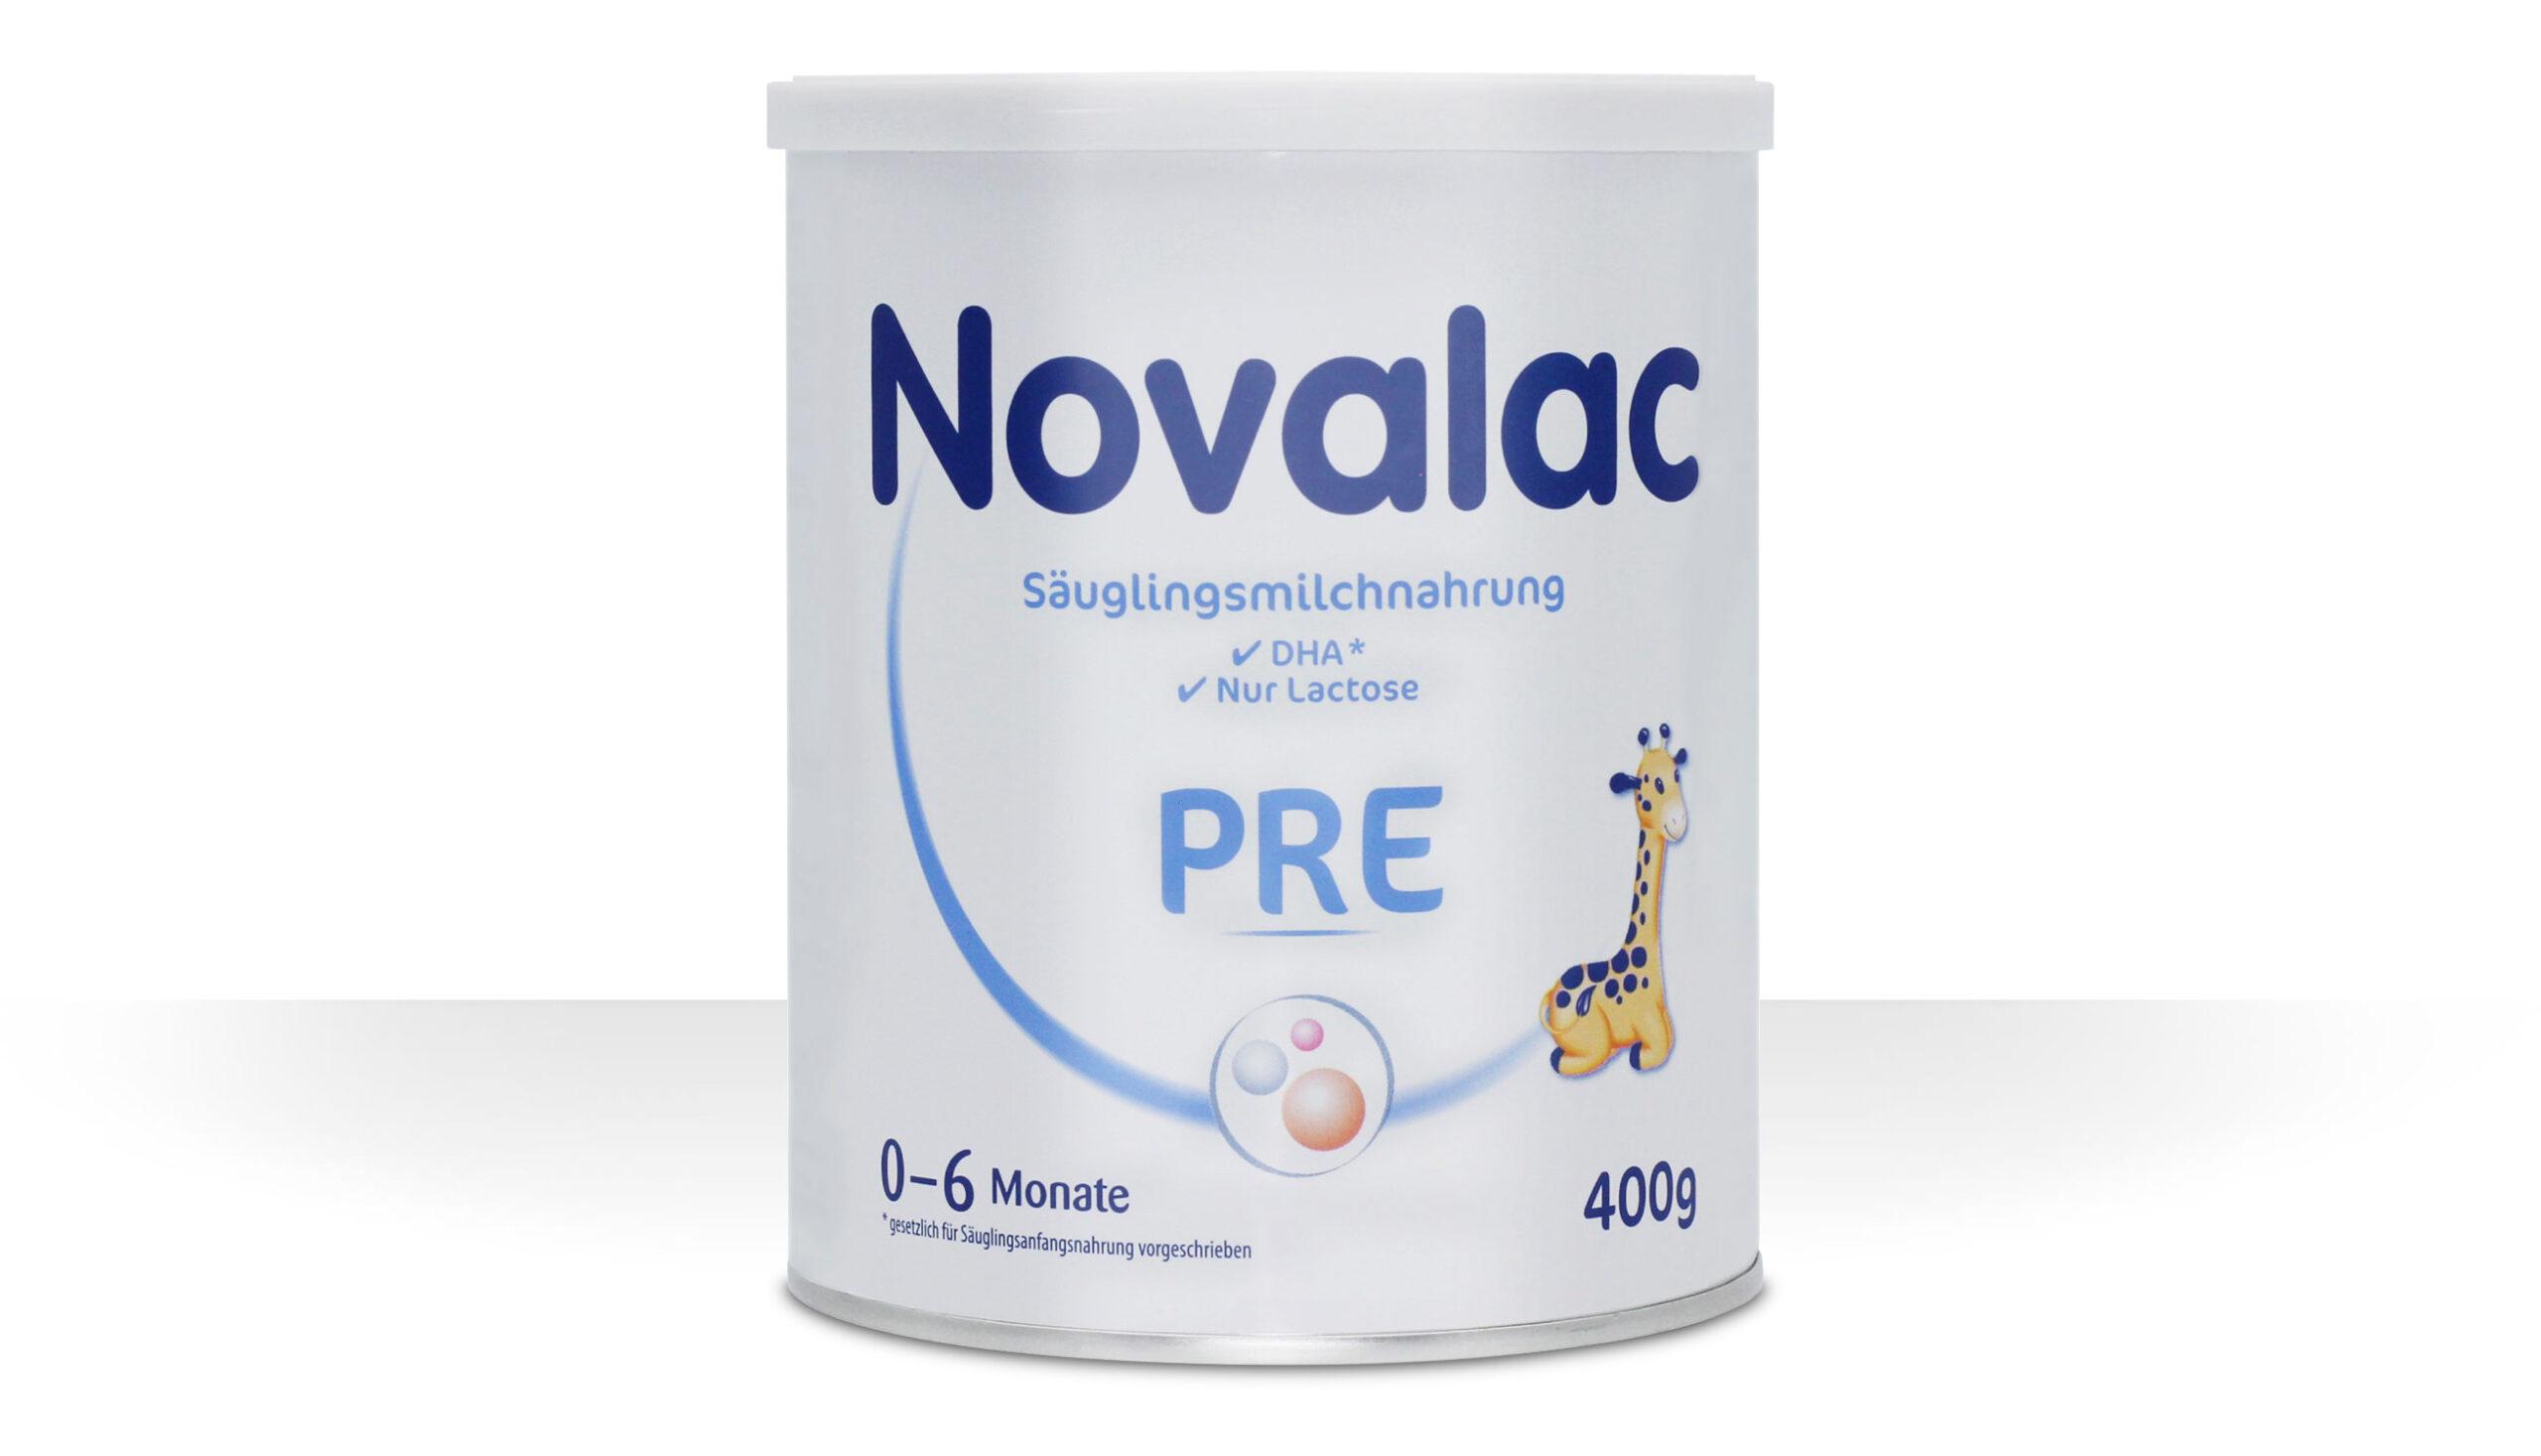 Novalac Startermilch PRE